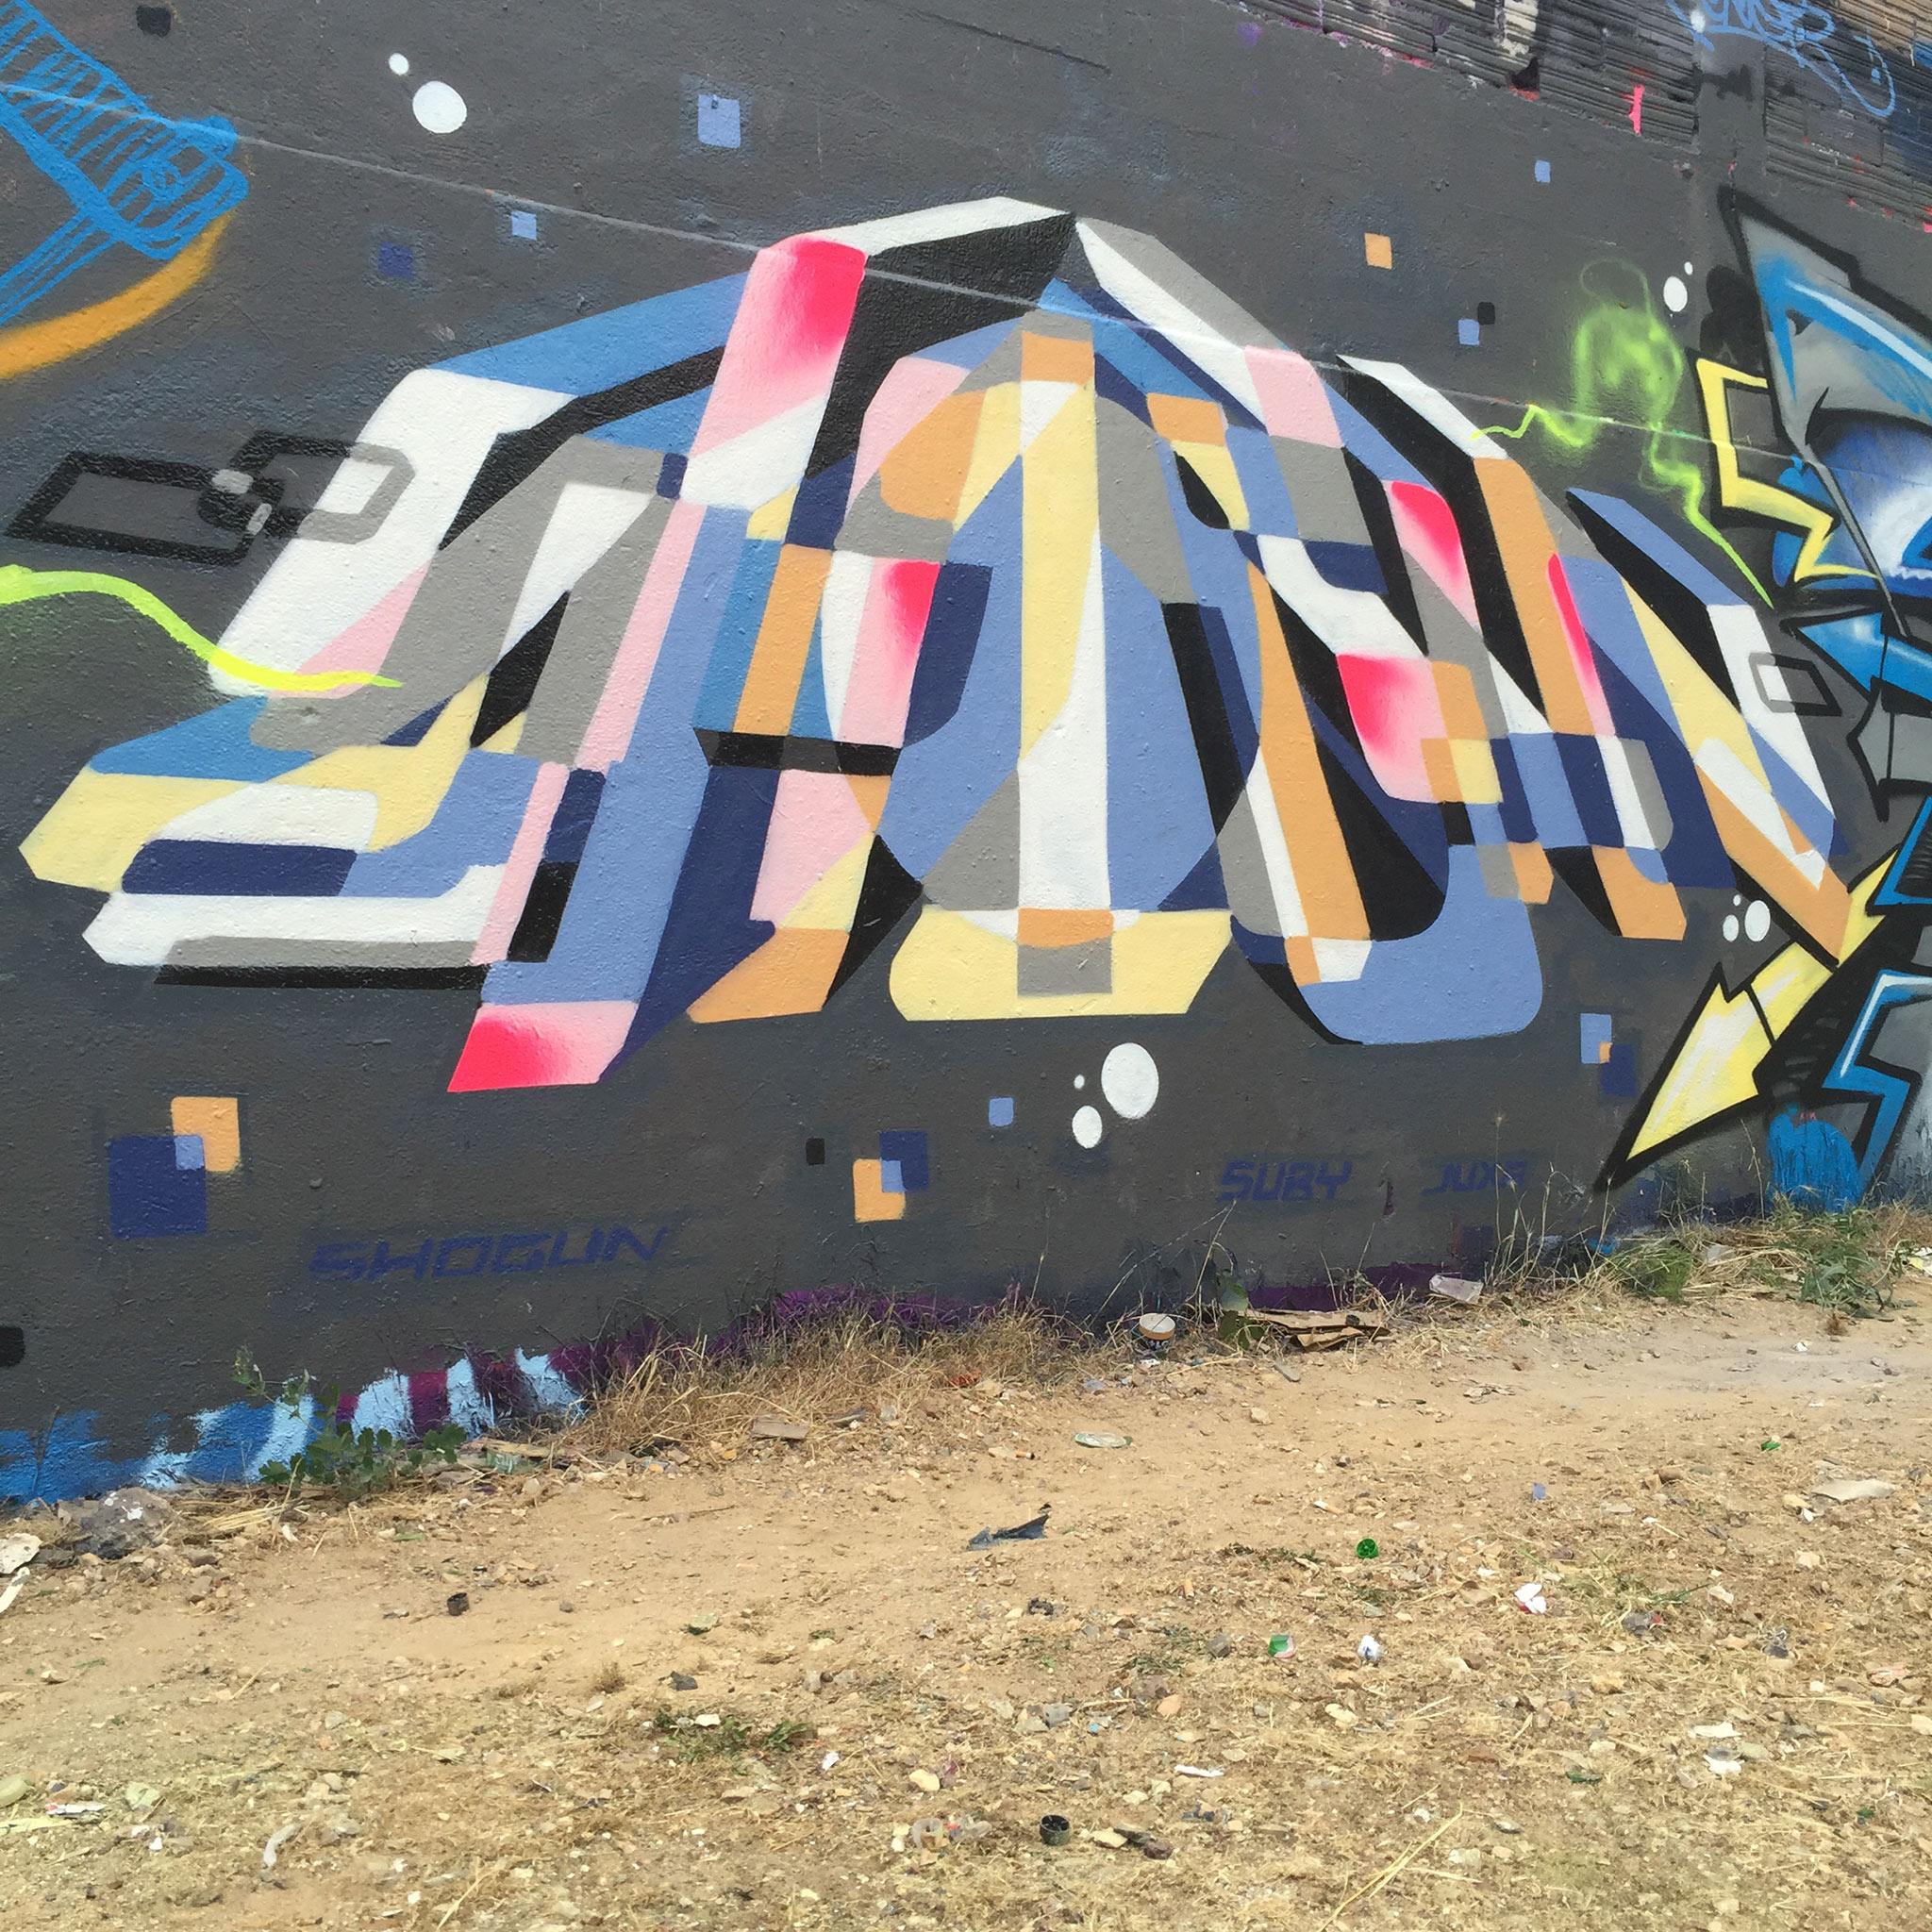 shogun_graffiti_paris_2015_secondwall_5